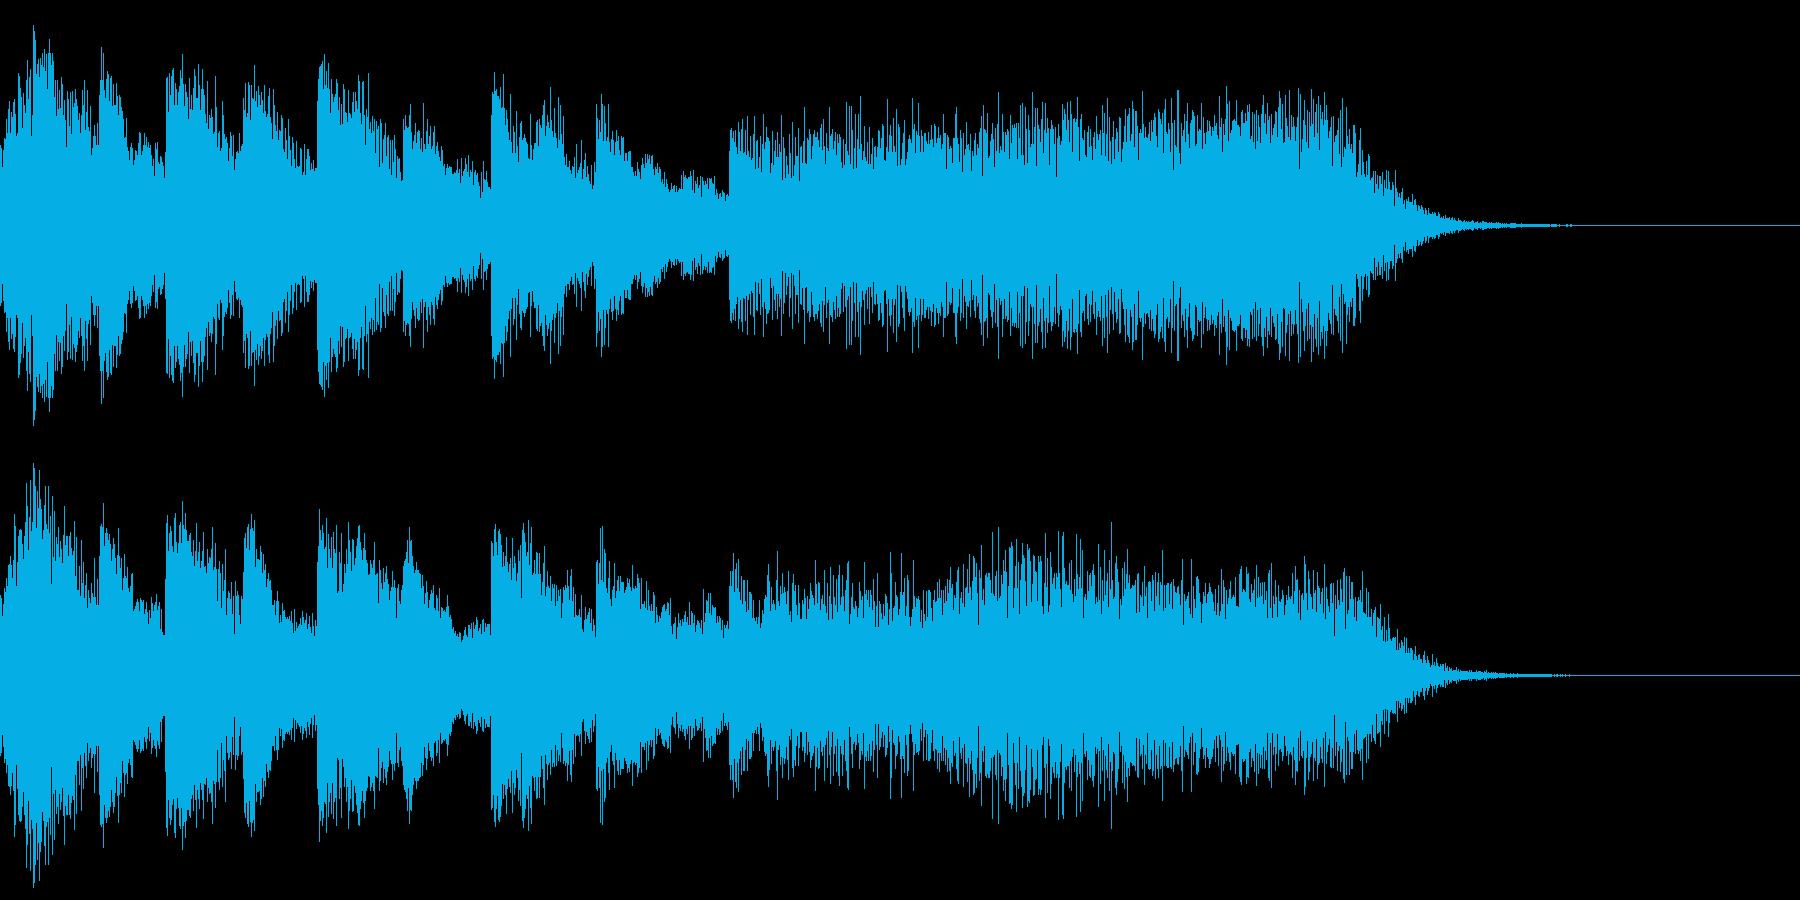 タラララタトタトタトタトター(場面転換)の再生済みの波形